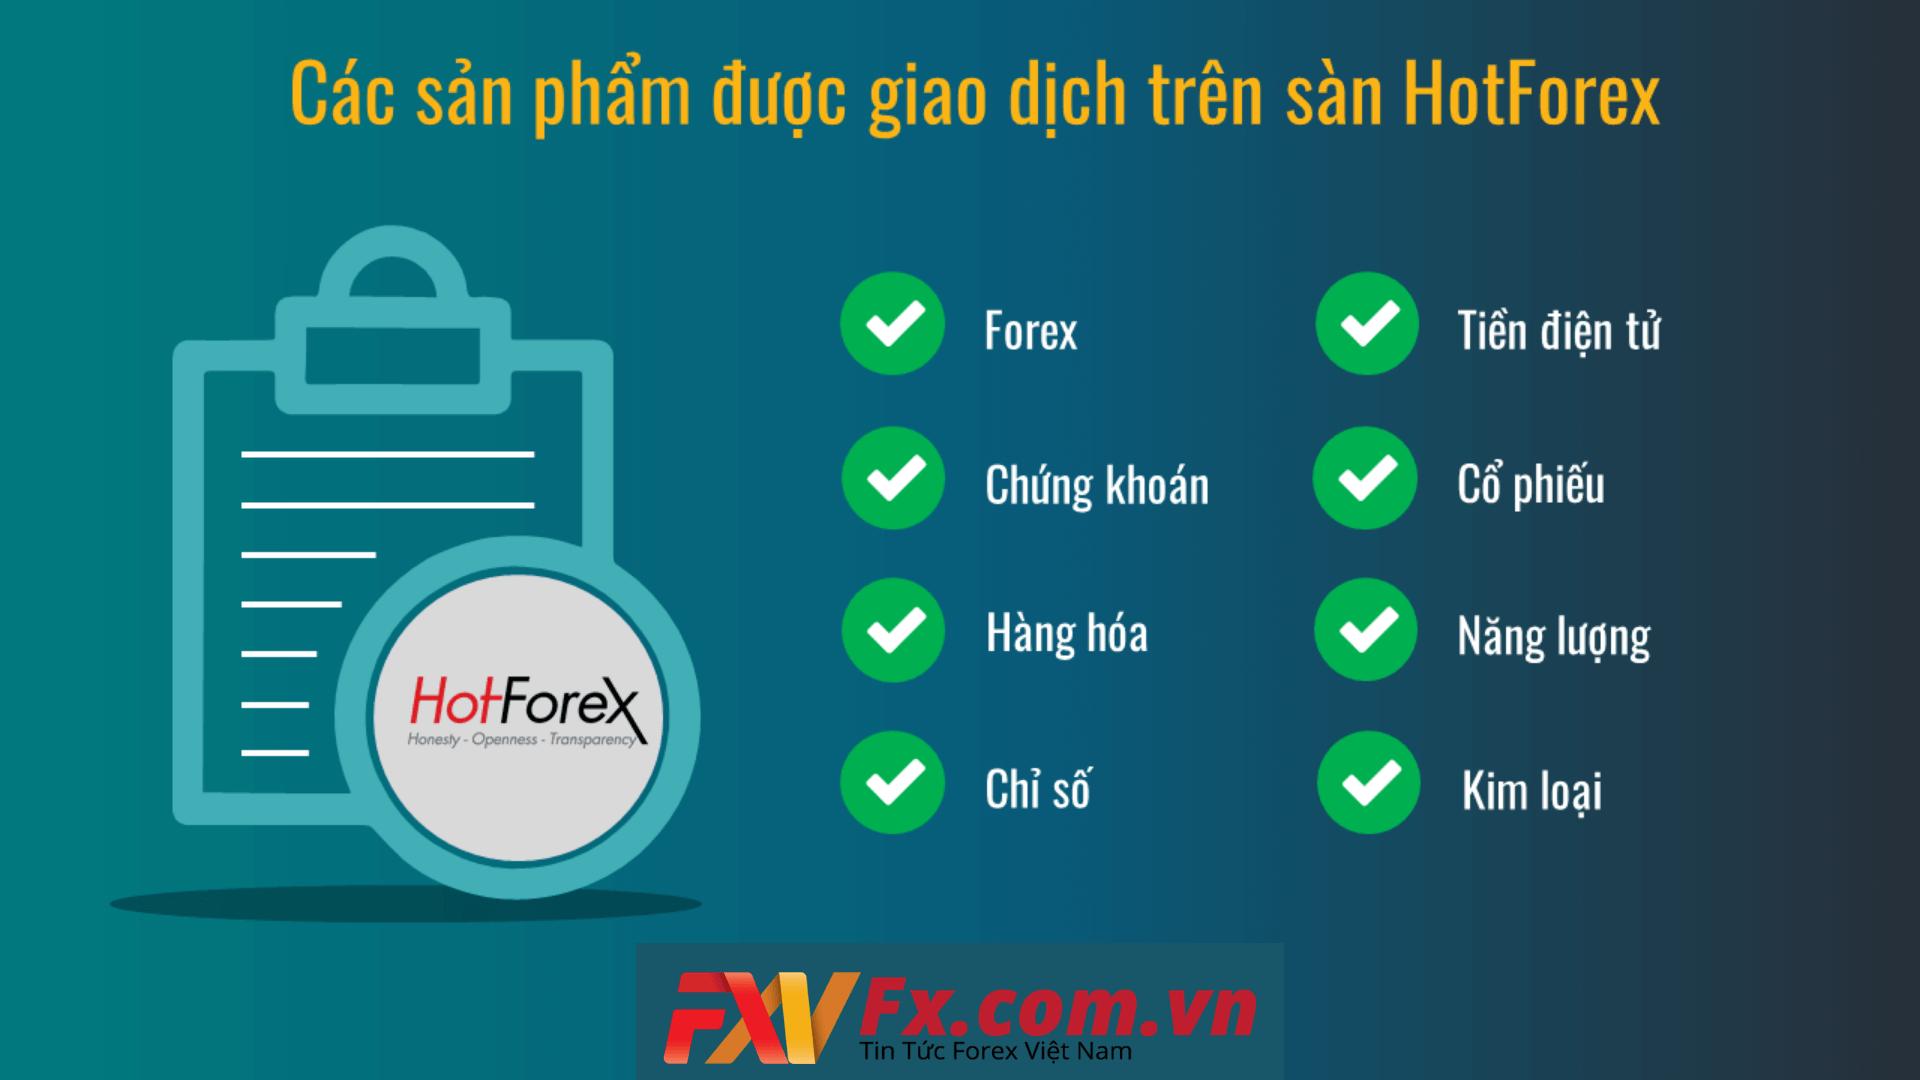 Các sản phẩm của sàn Hotforex